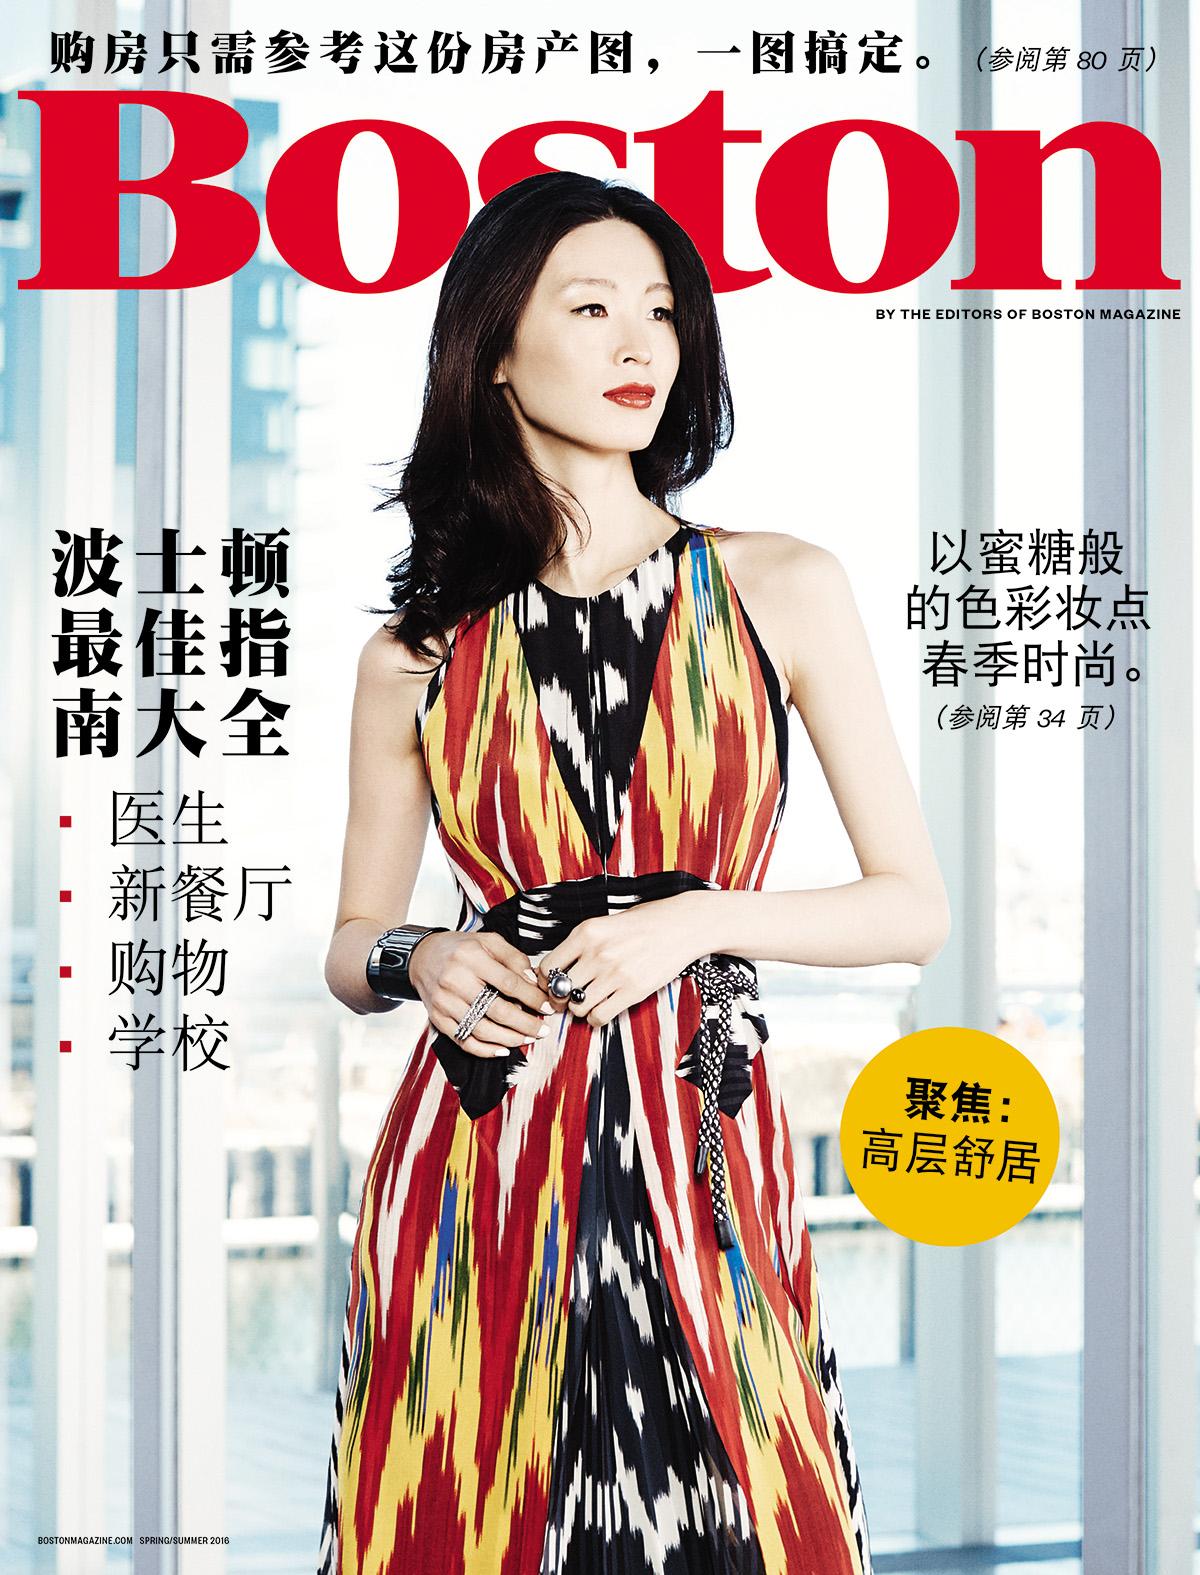 boston magazine chinese cover